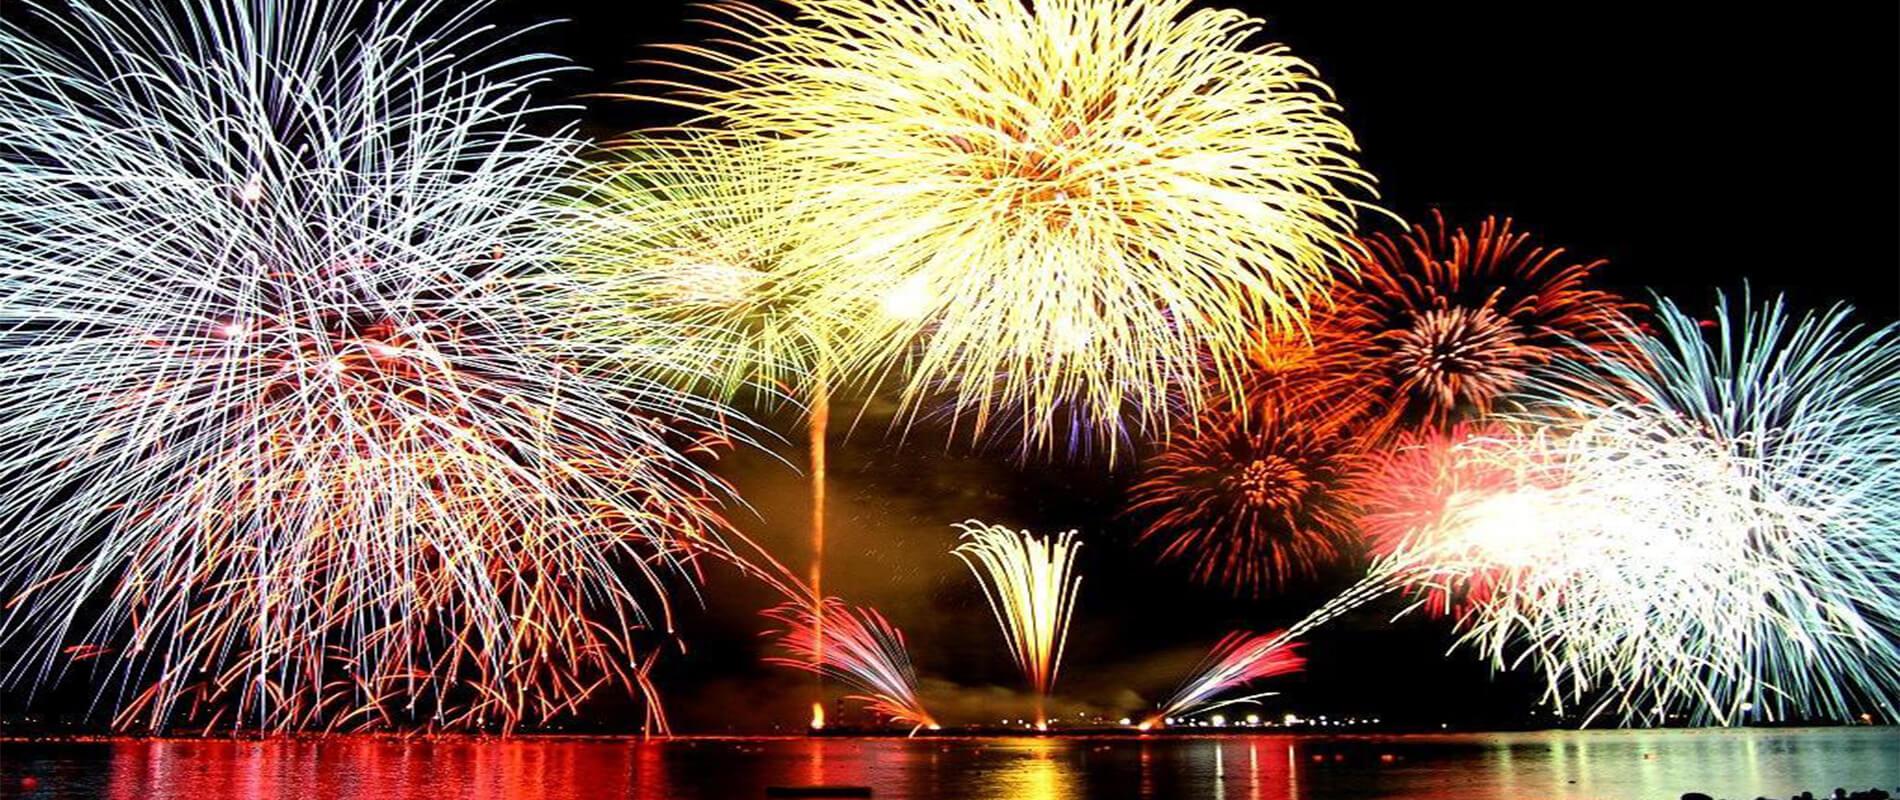 Eventi in Fuerteventura a Dicembre